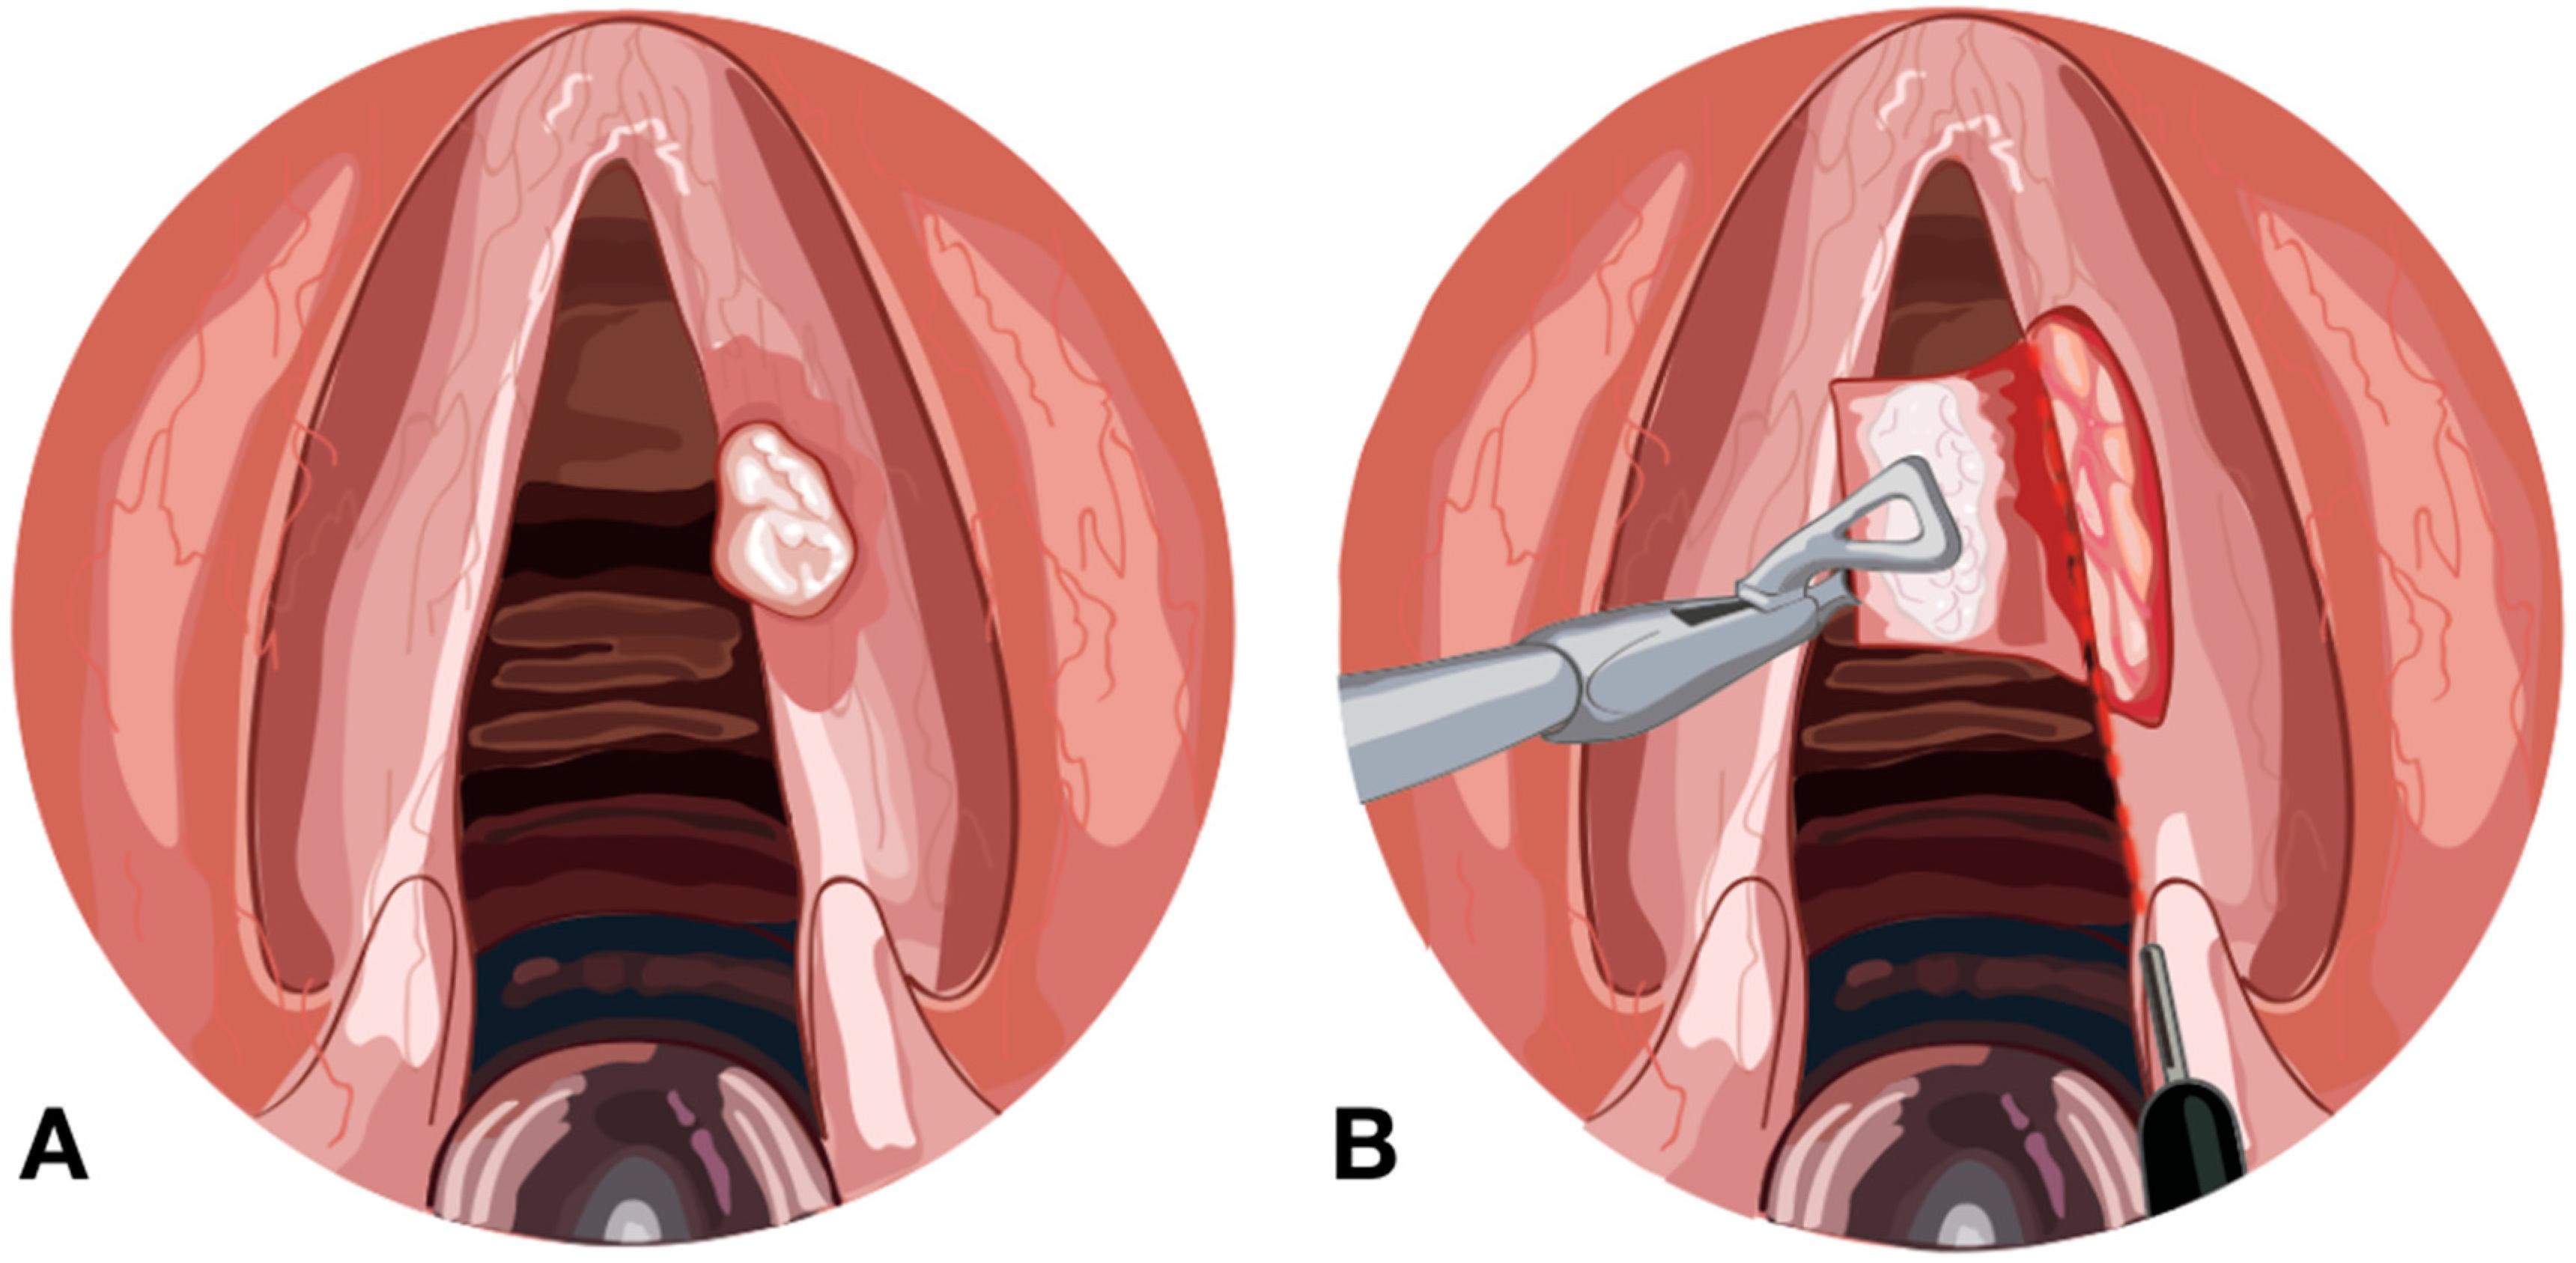 Папиллома на миндалине: причины возникновения, симптомы, лечение